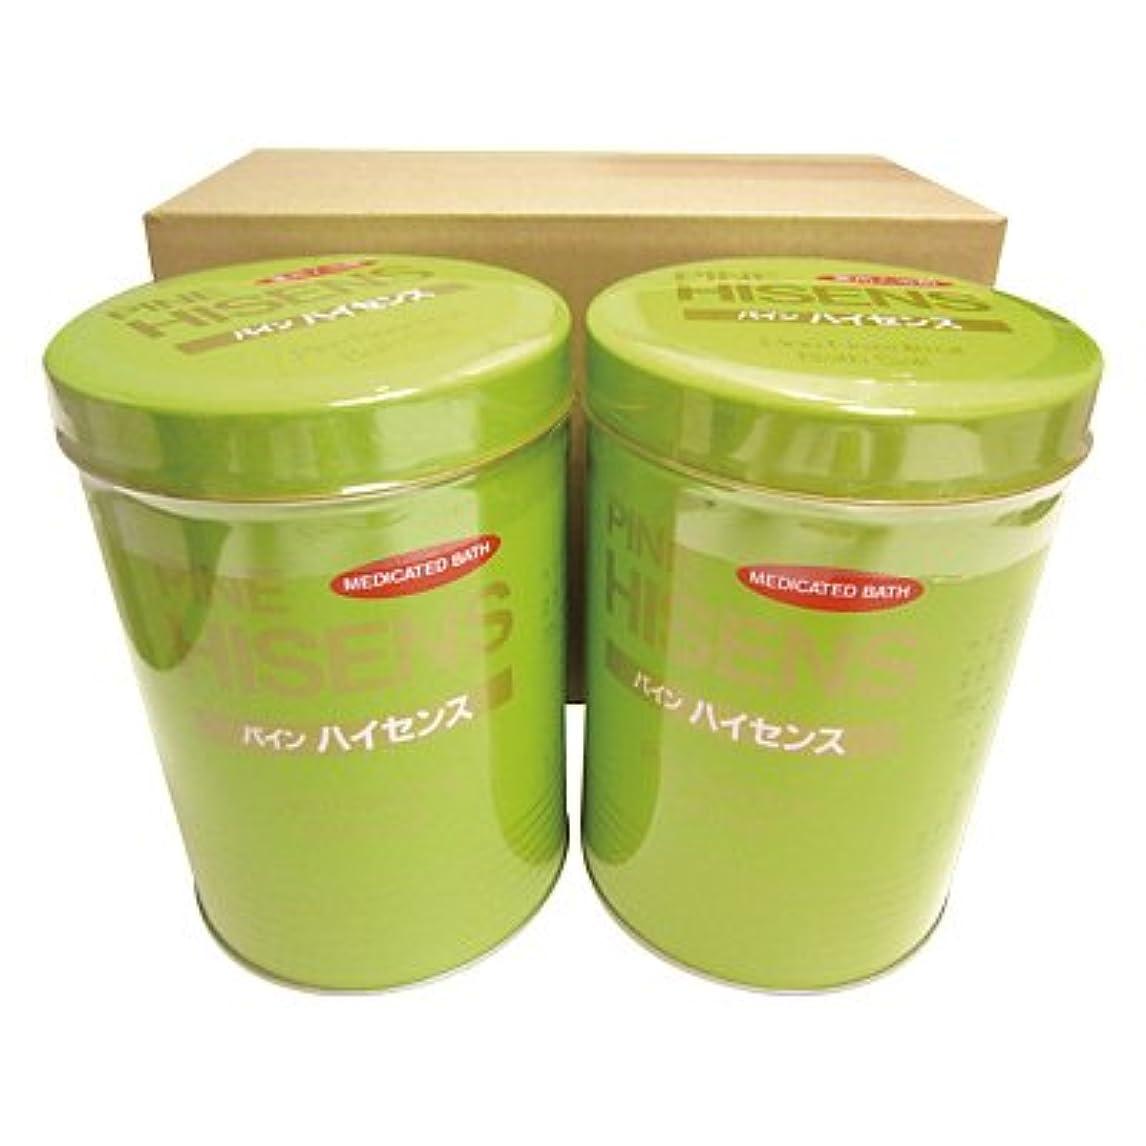 どのくらいの頻度で悲惨ファン高陽社 薬用入浴剤 パインハイセンス 2.1kg 2缶セット